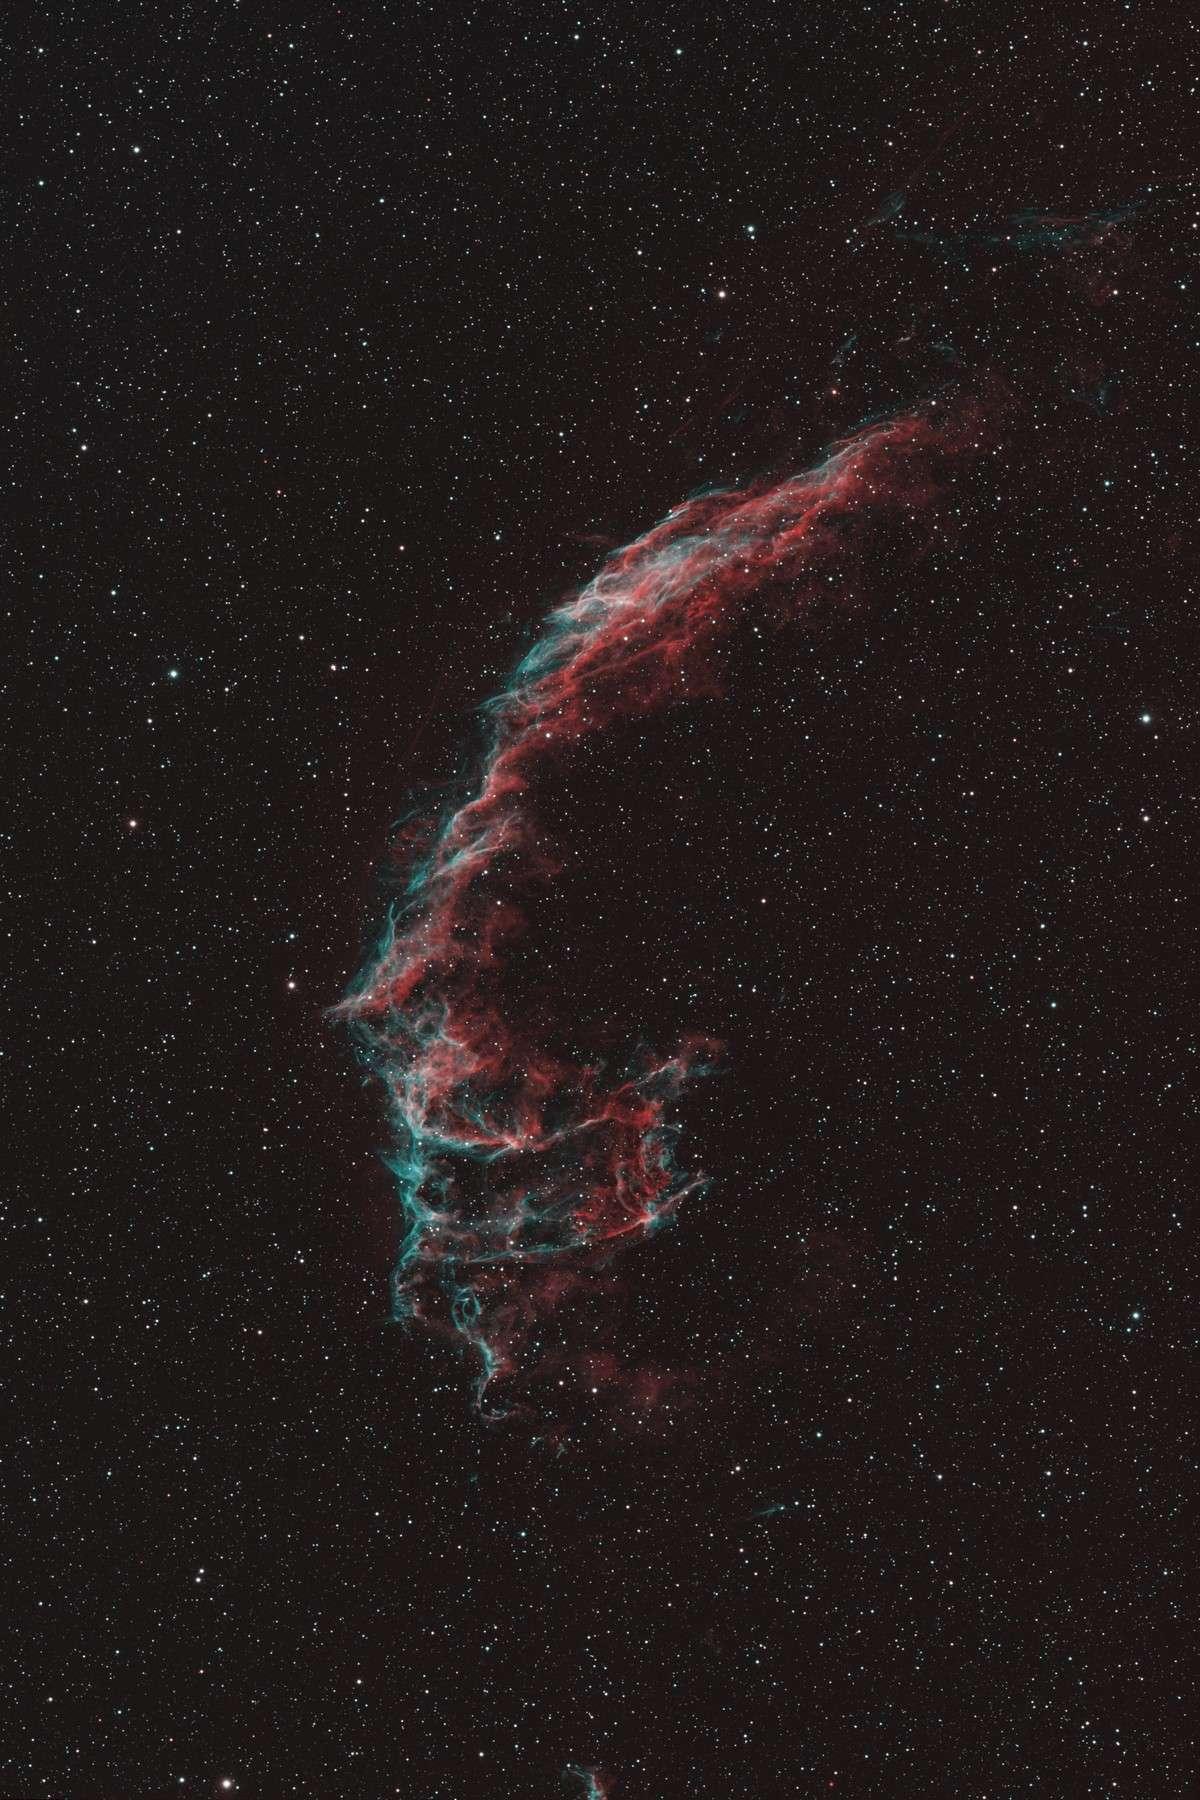 Une partie des Dentelles du Cygne ; les filaments gazeux voyagent dans l'espace depuis l'explosion de la supernova il y a plusieurs dizaines de milliers d'années. Crédit Lucien Marcot